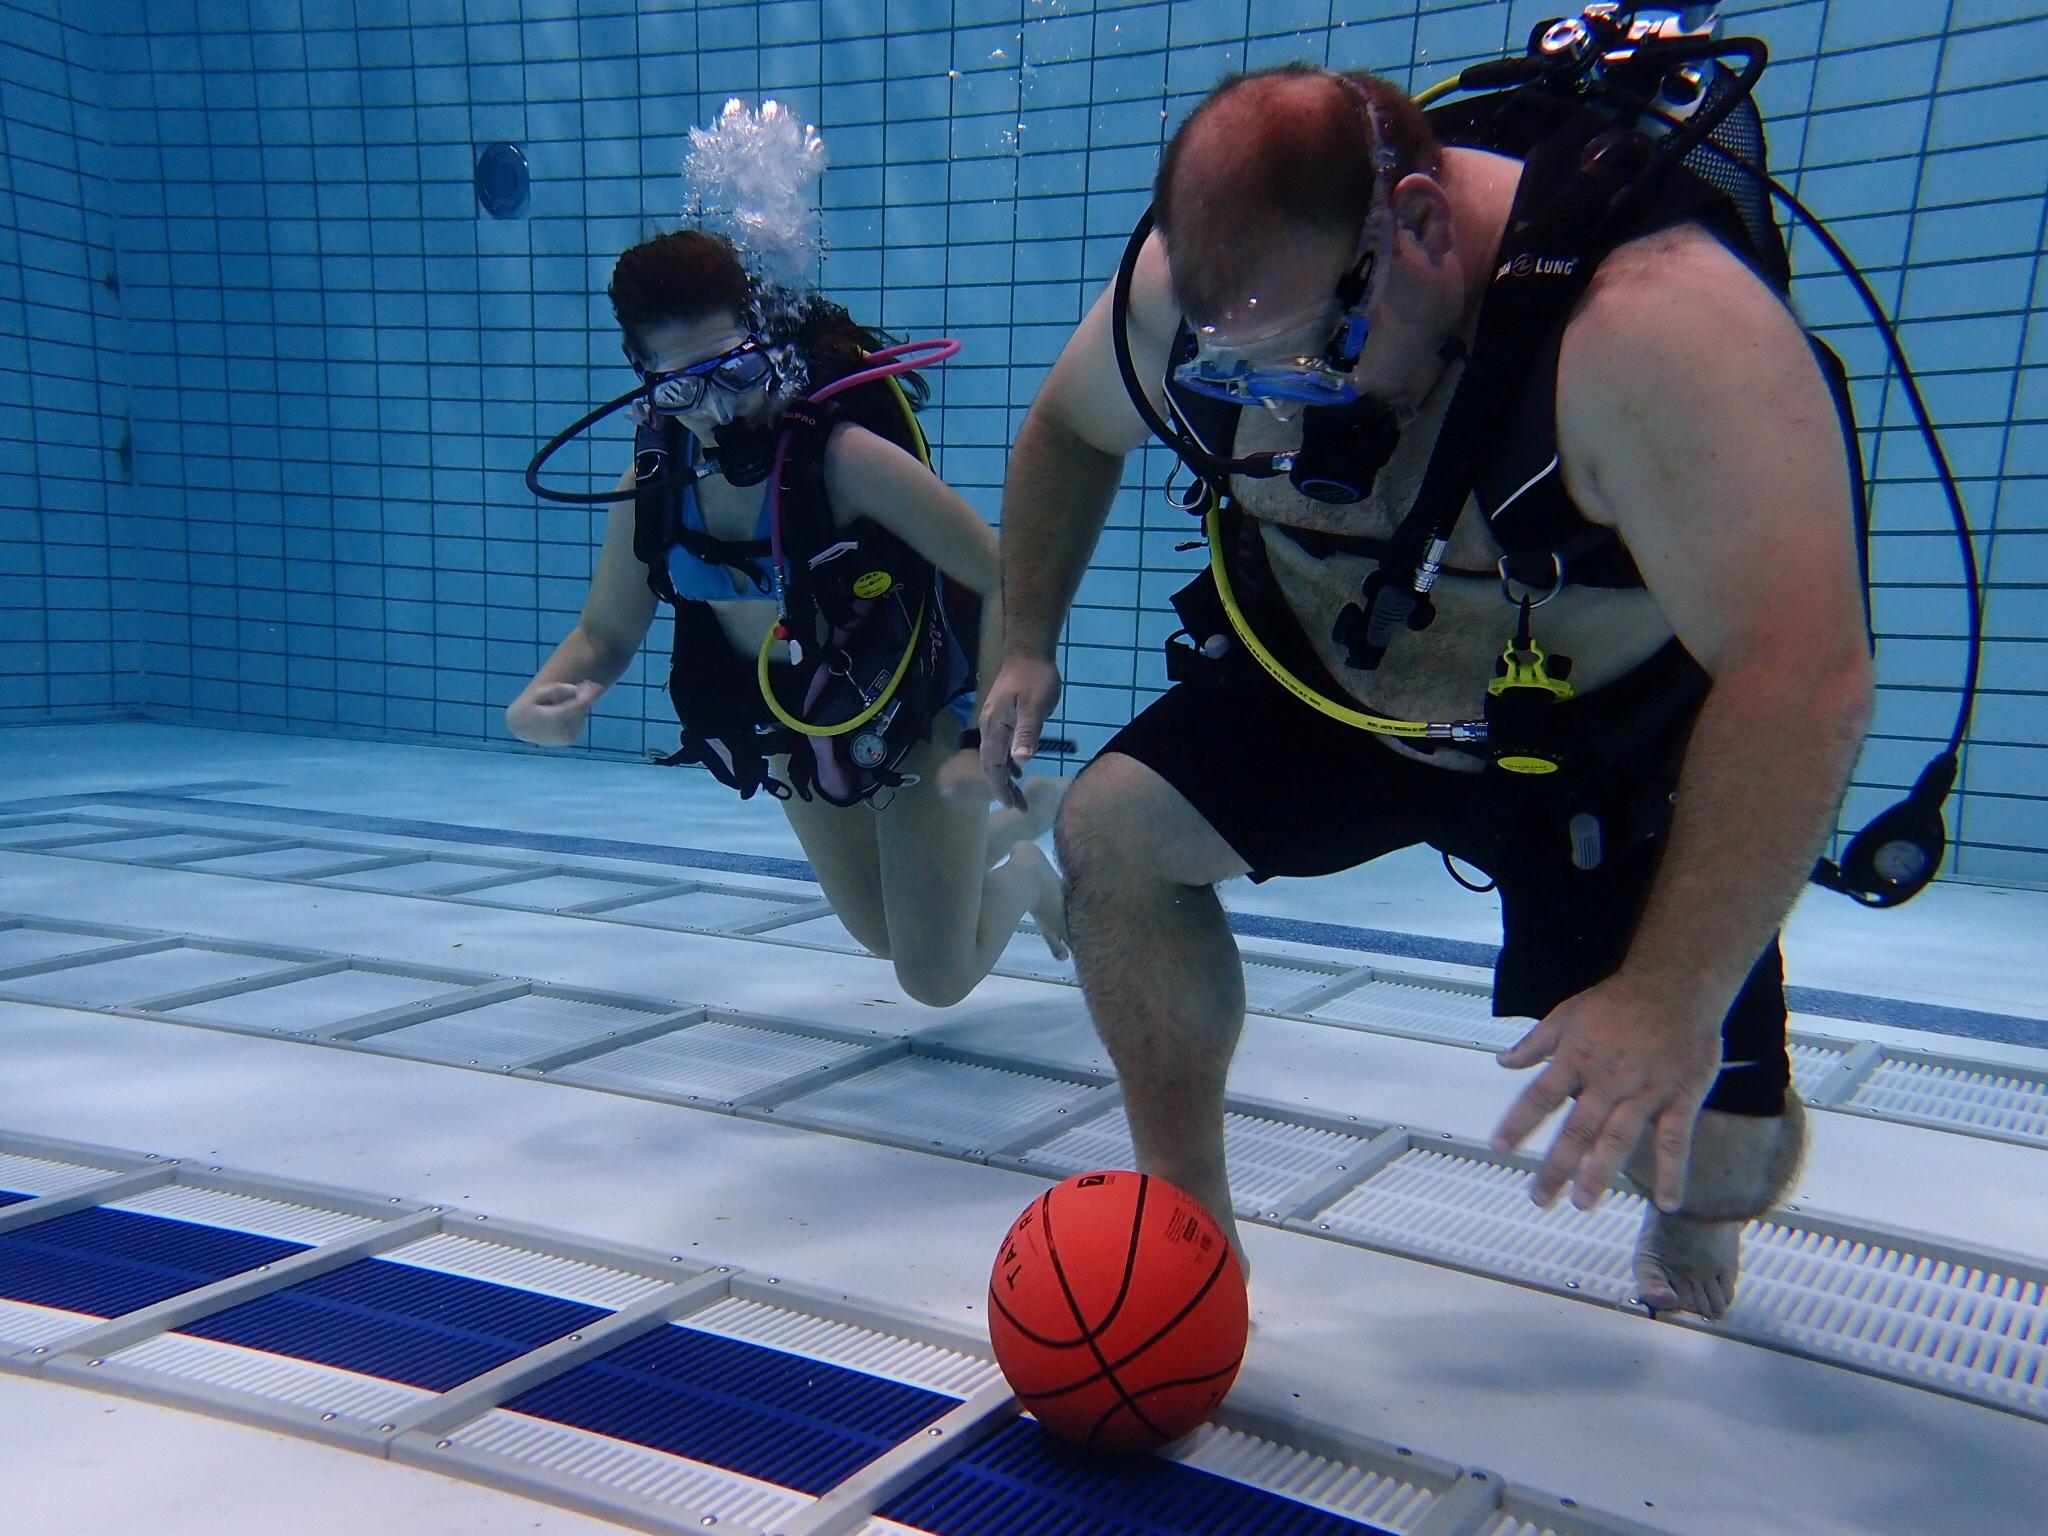 Onderwatervoetballers klaar voor het NK